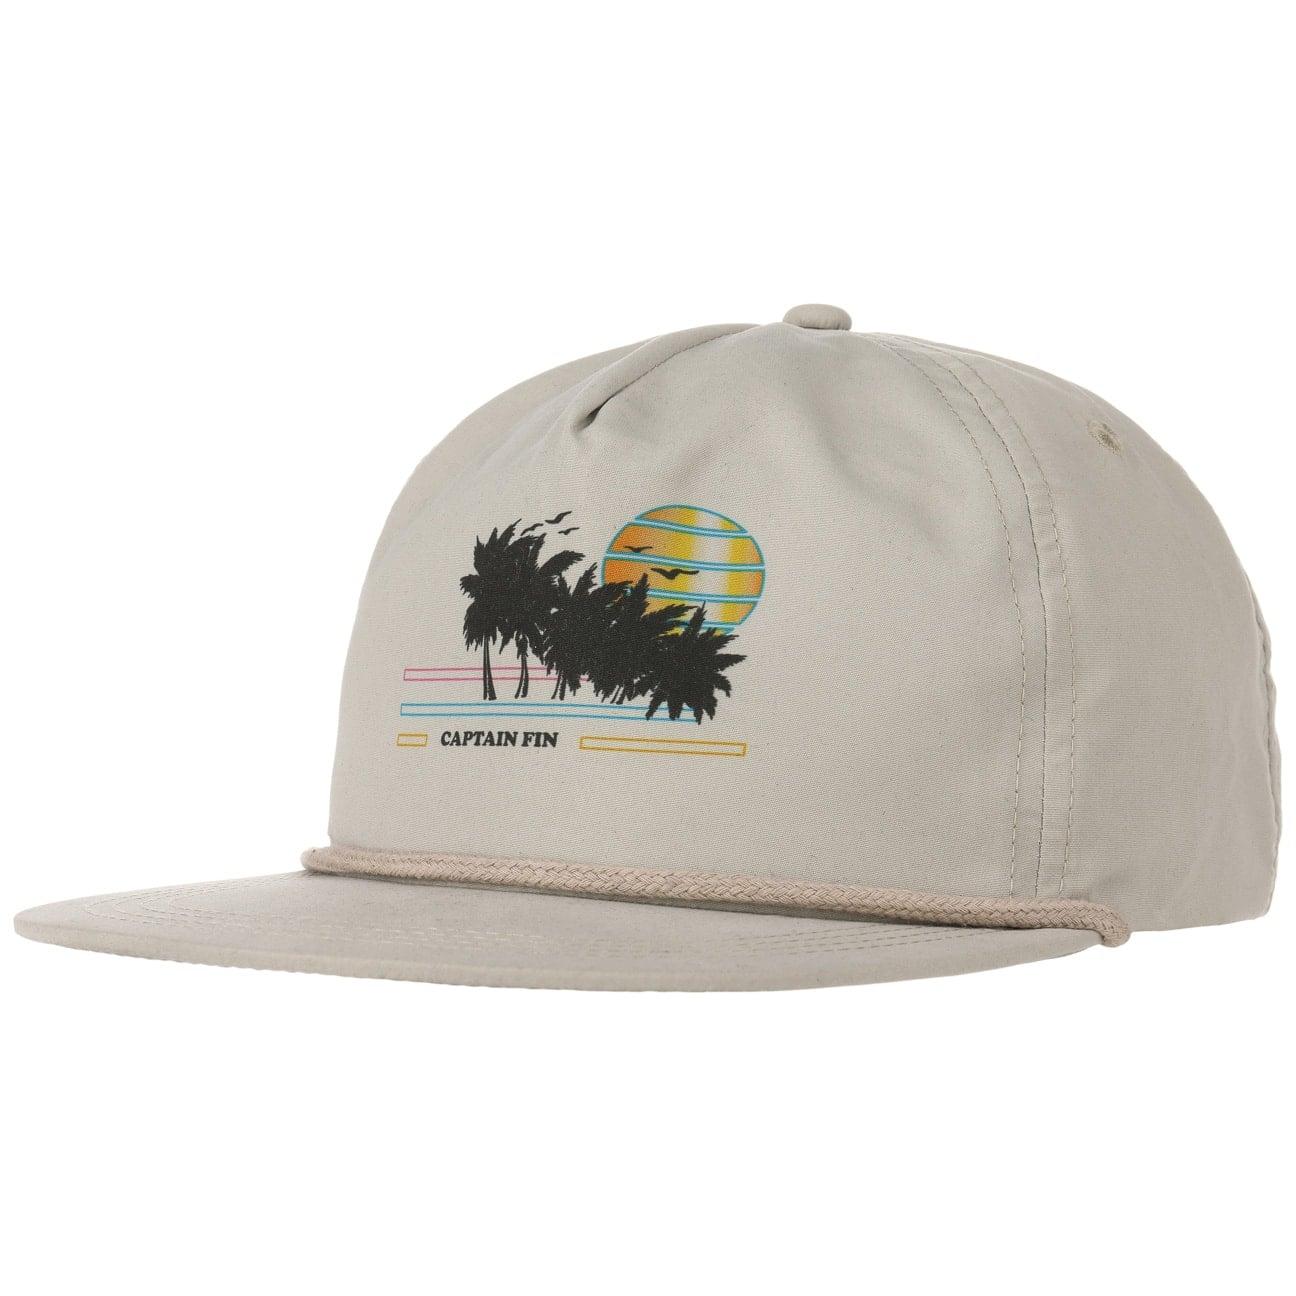 Casquette Redondo Beach by Captain Fin  baseball cap